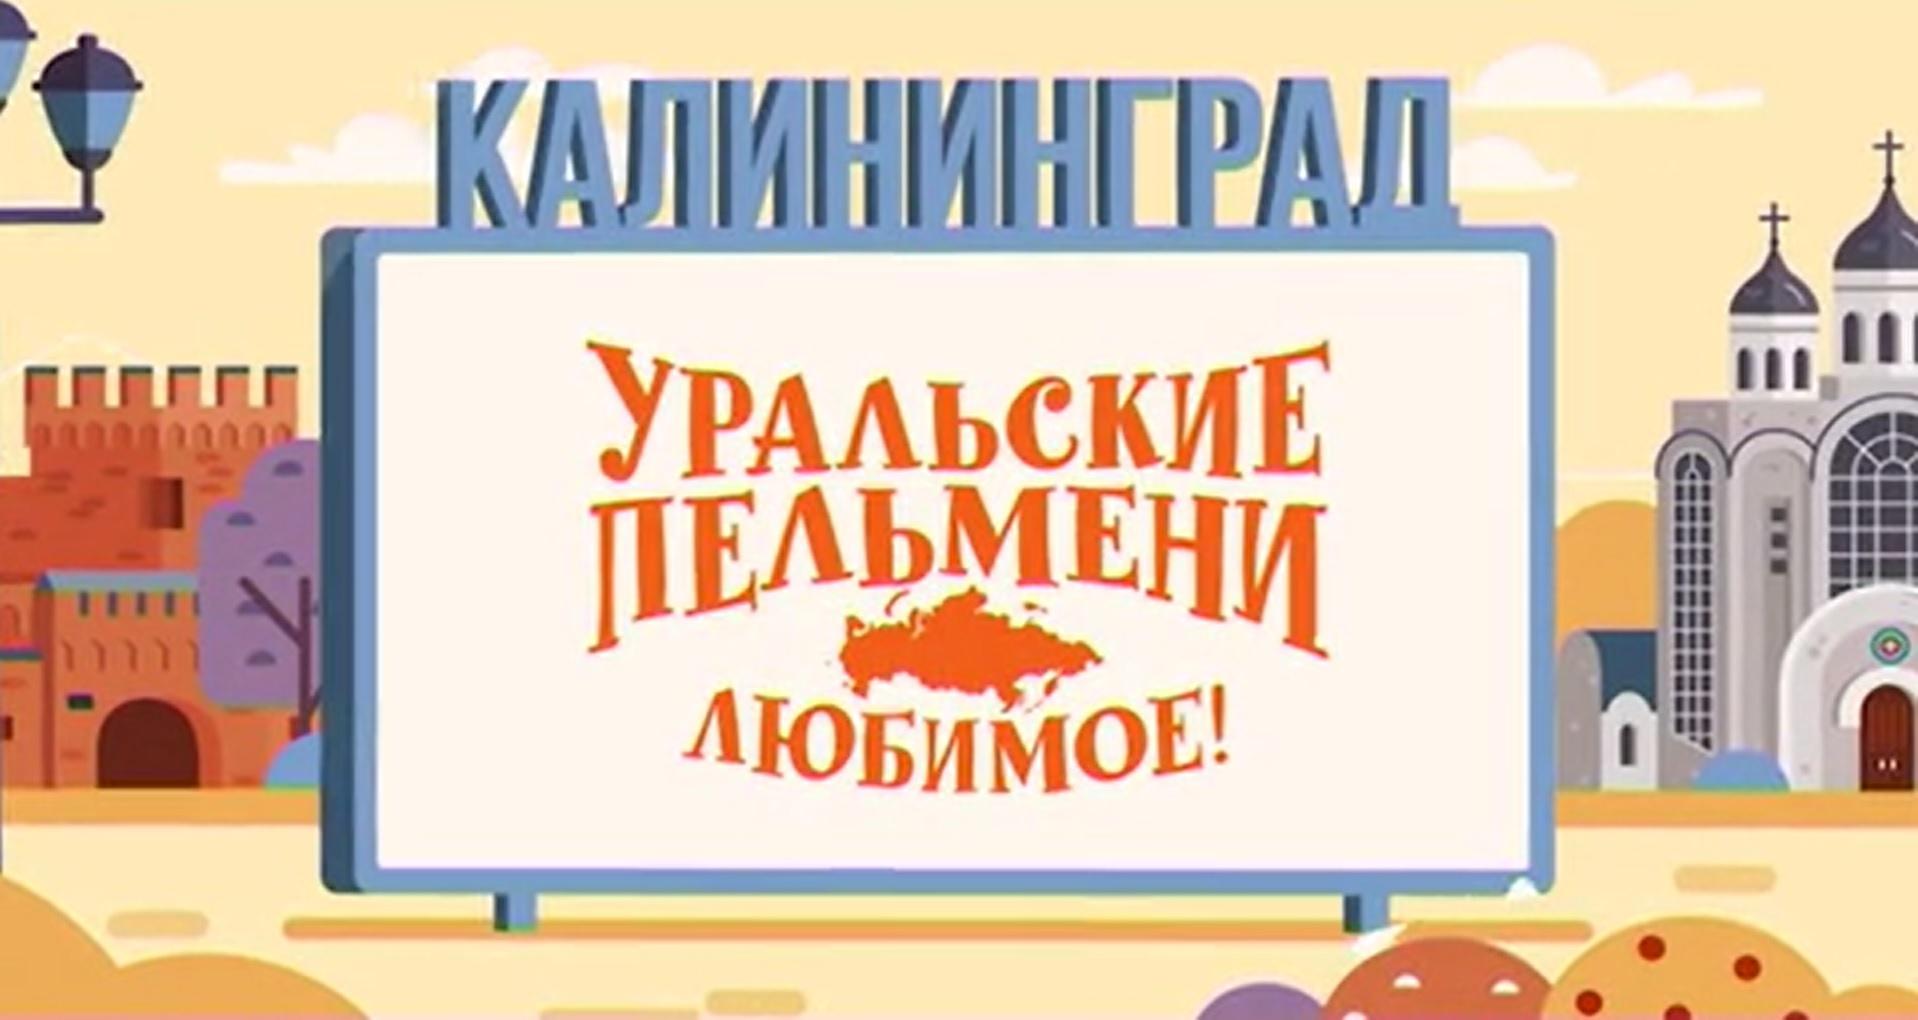 Уральские пельмени. Любимое. Калининград